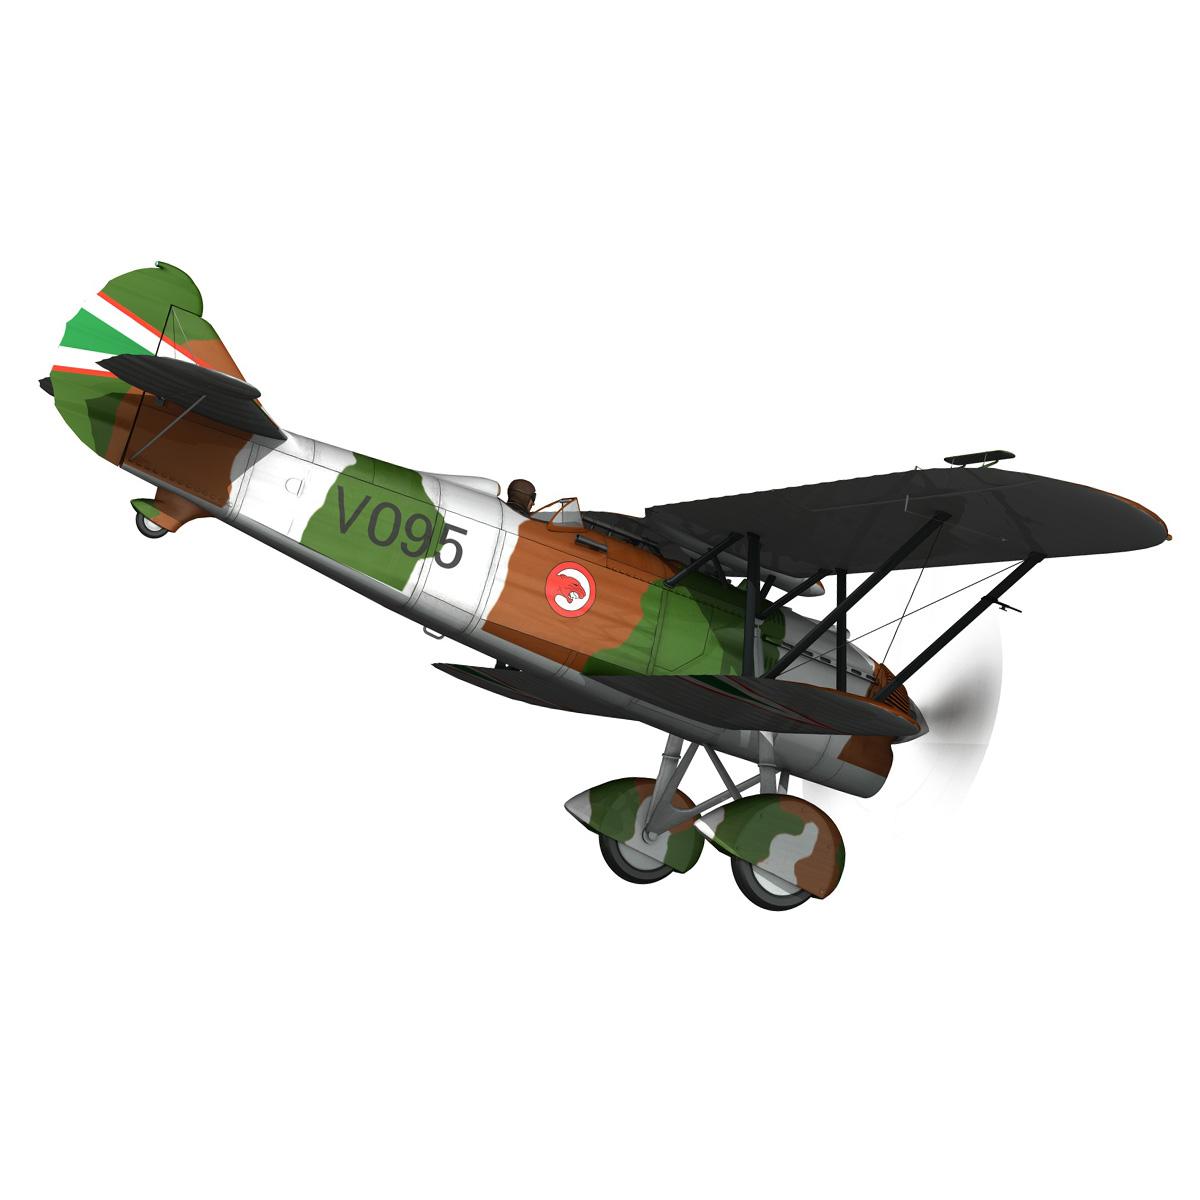 fiat cr.32 – hungarian royal air force – v095 3d model fbx lwo lw lws obj c4d 266278